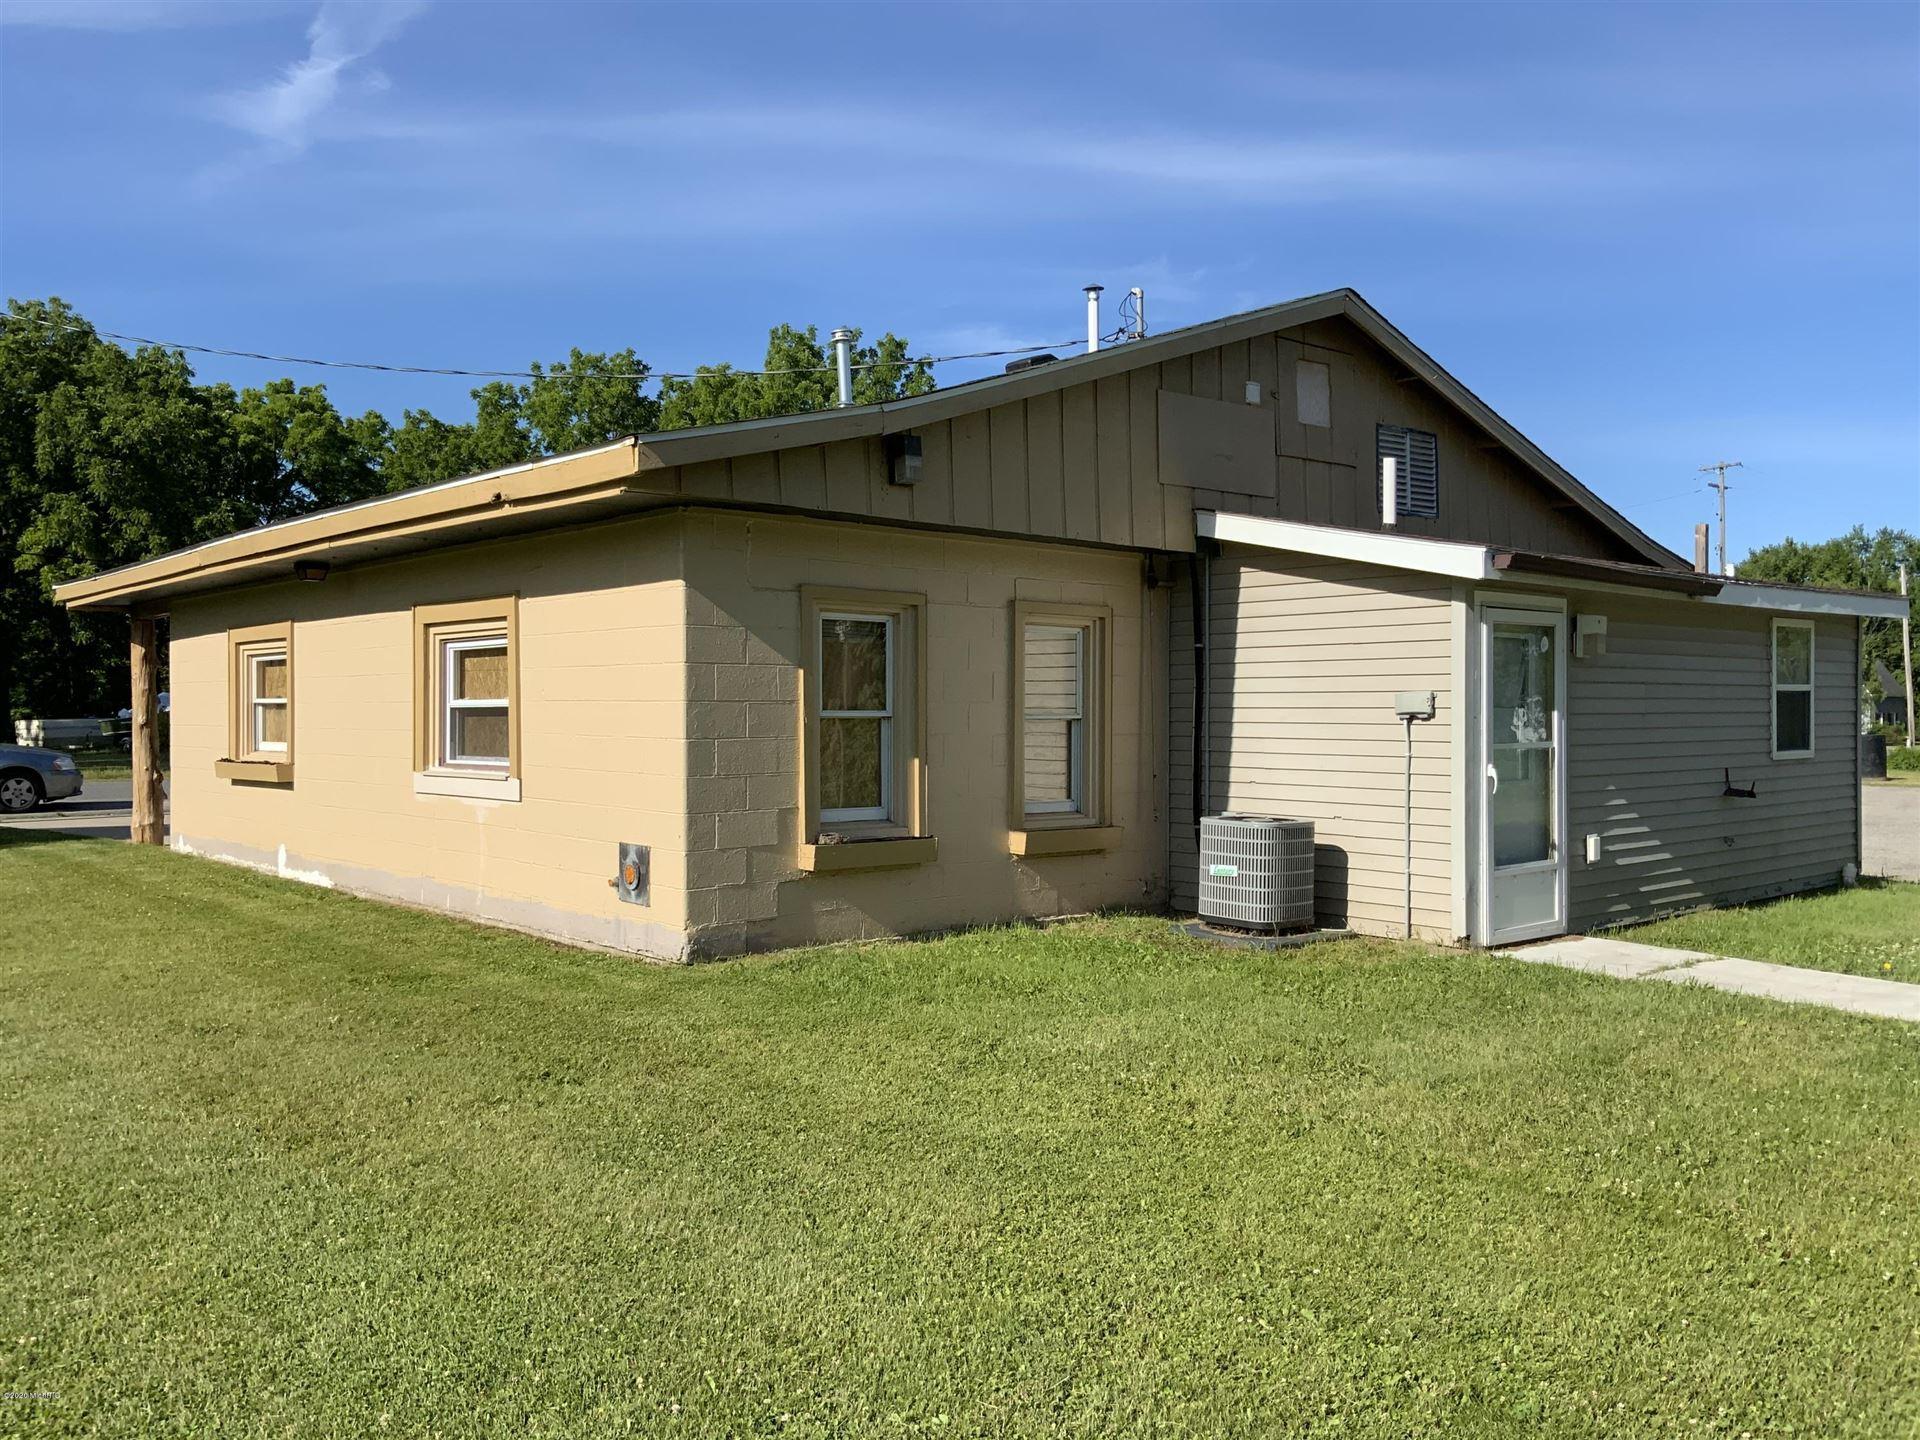 10630 Dwight Street, Chippewa Lake, MI 49320 - MLS#: 21021493